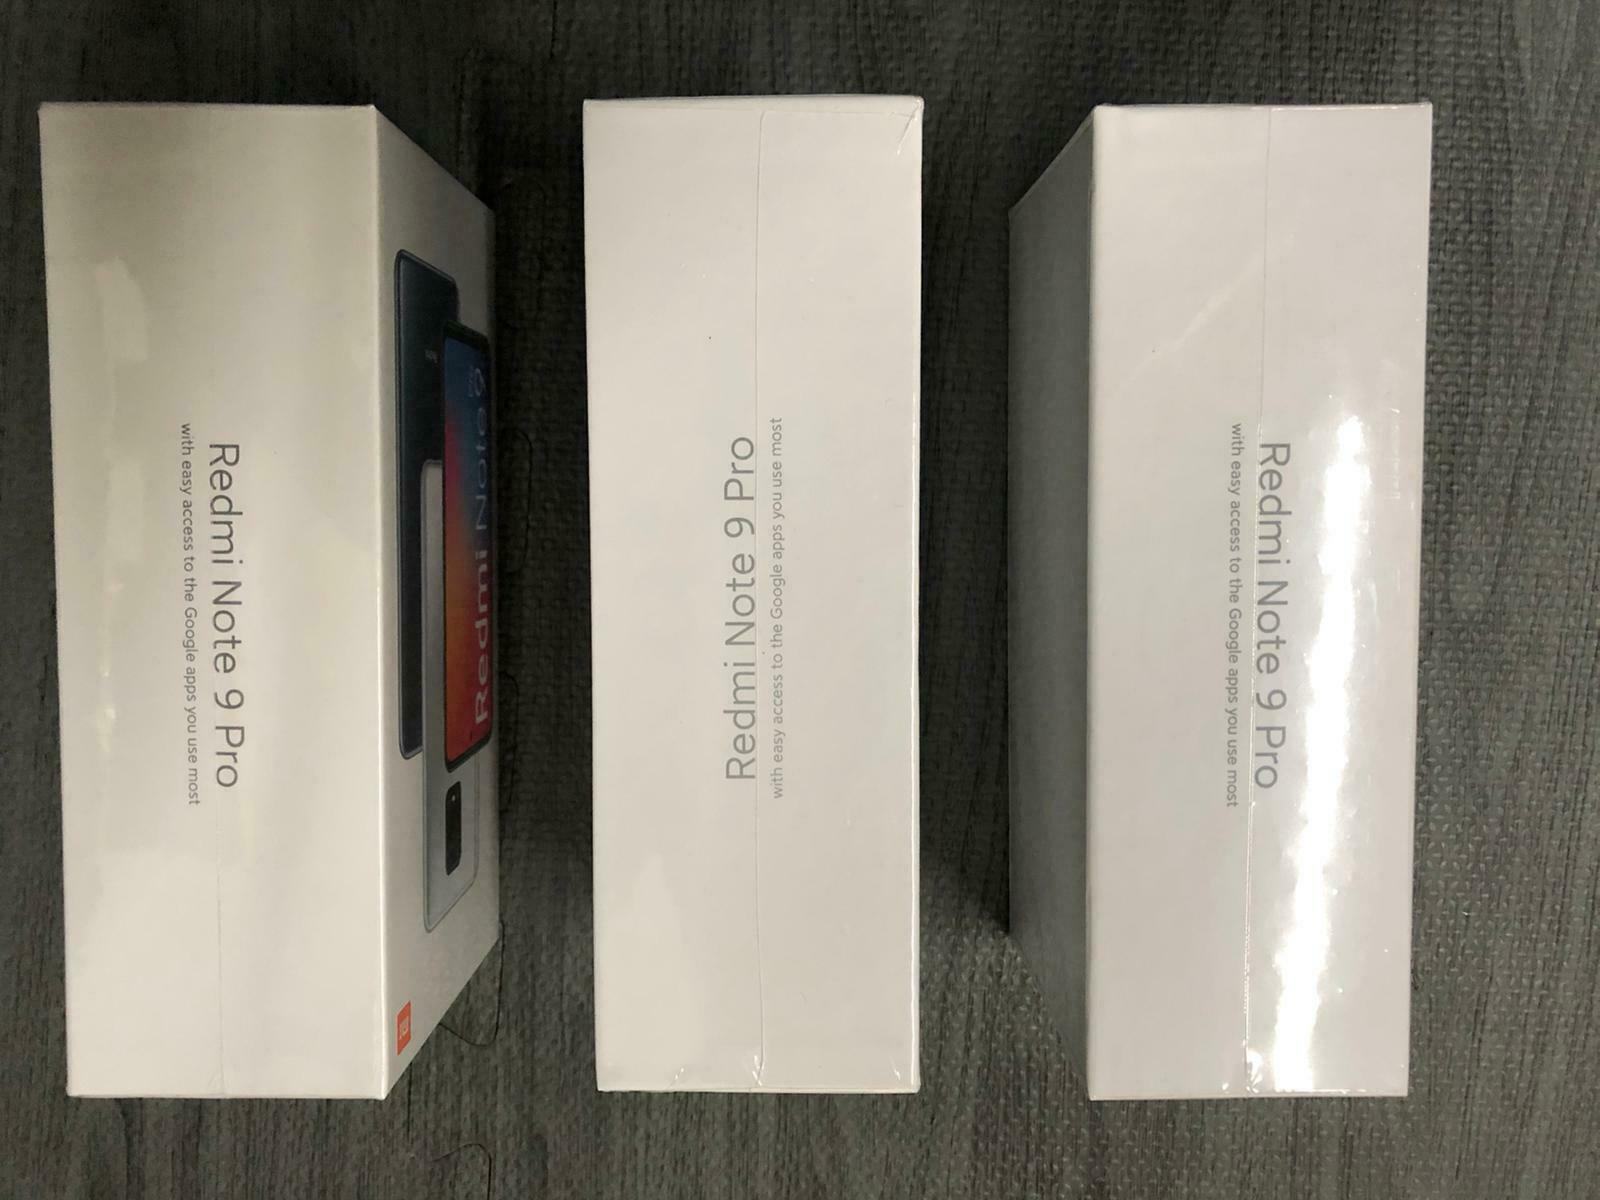 Xiaomi Redmi Note 9 Pro - 6GB RAM - 128GB ROM - Dual SIM - NEW +14704086638